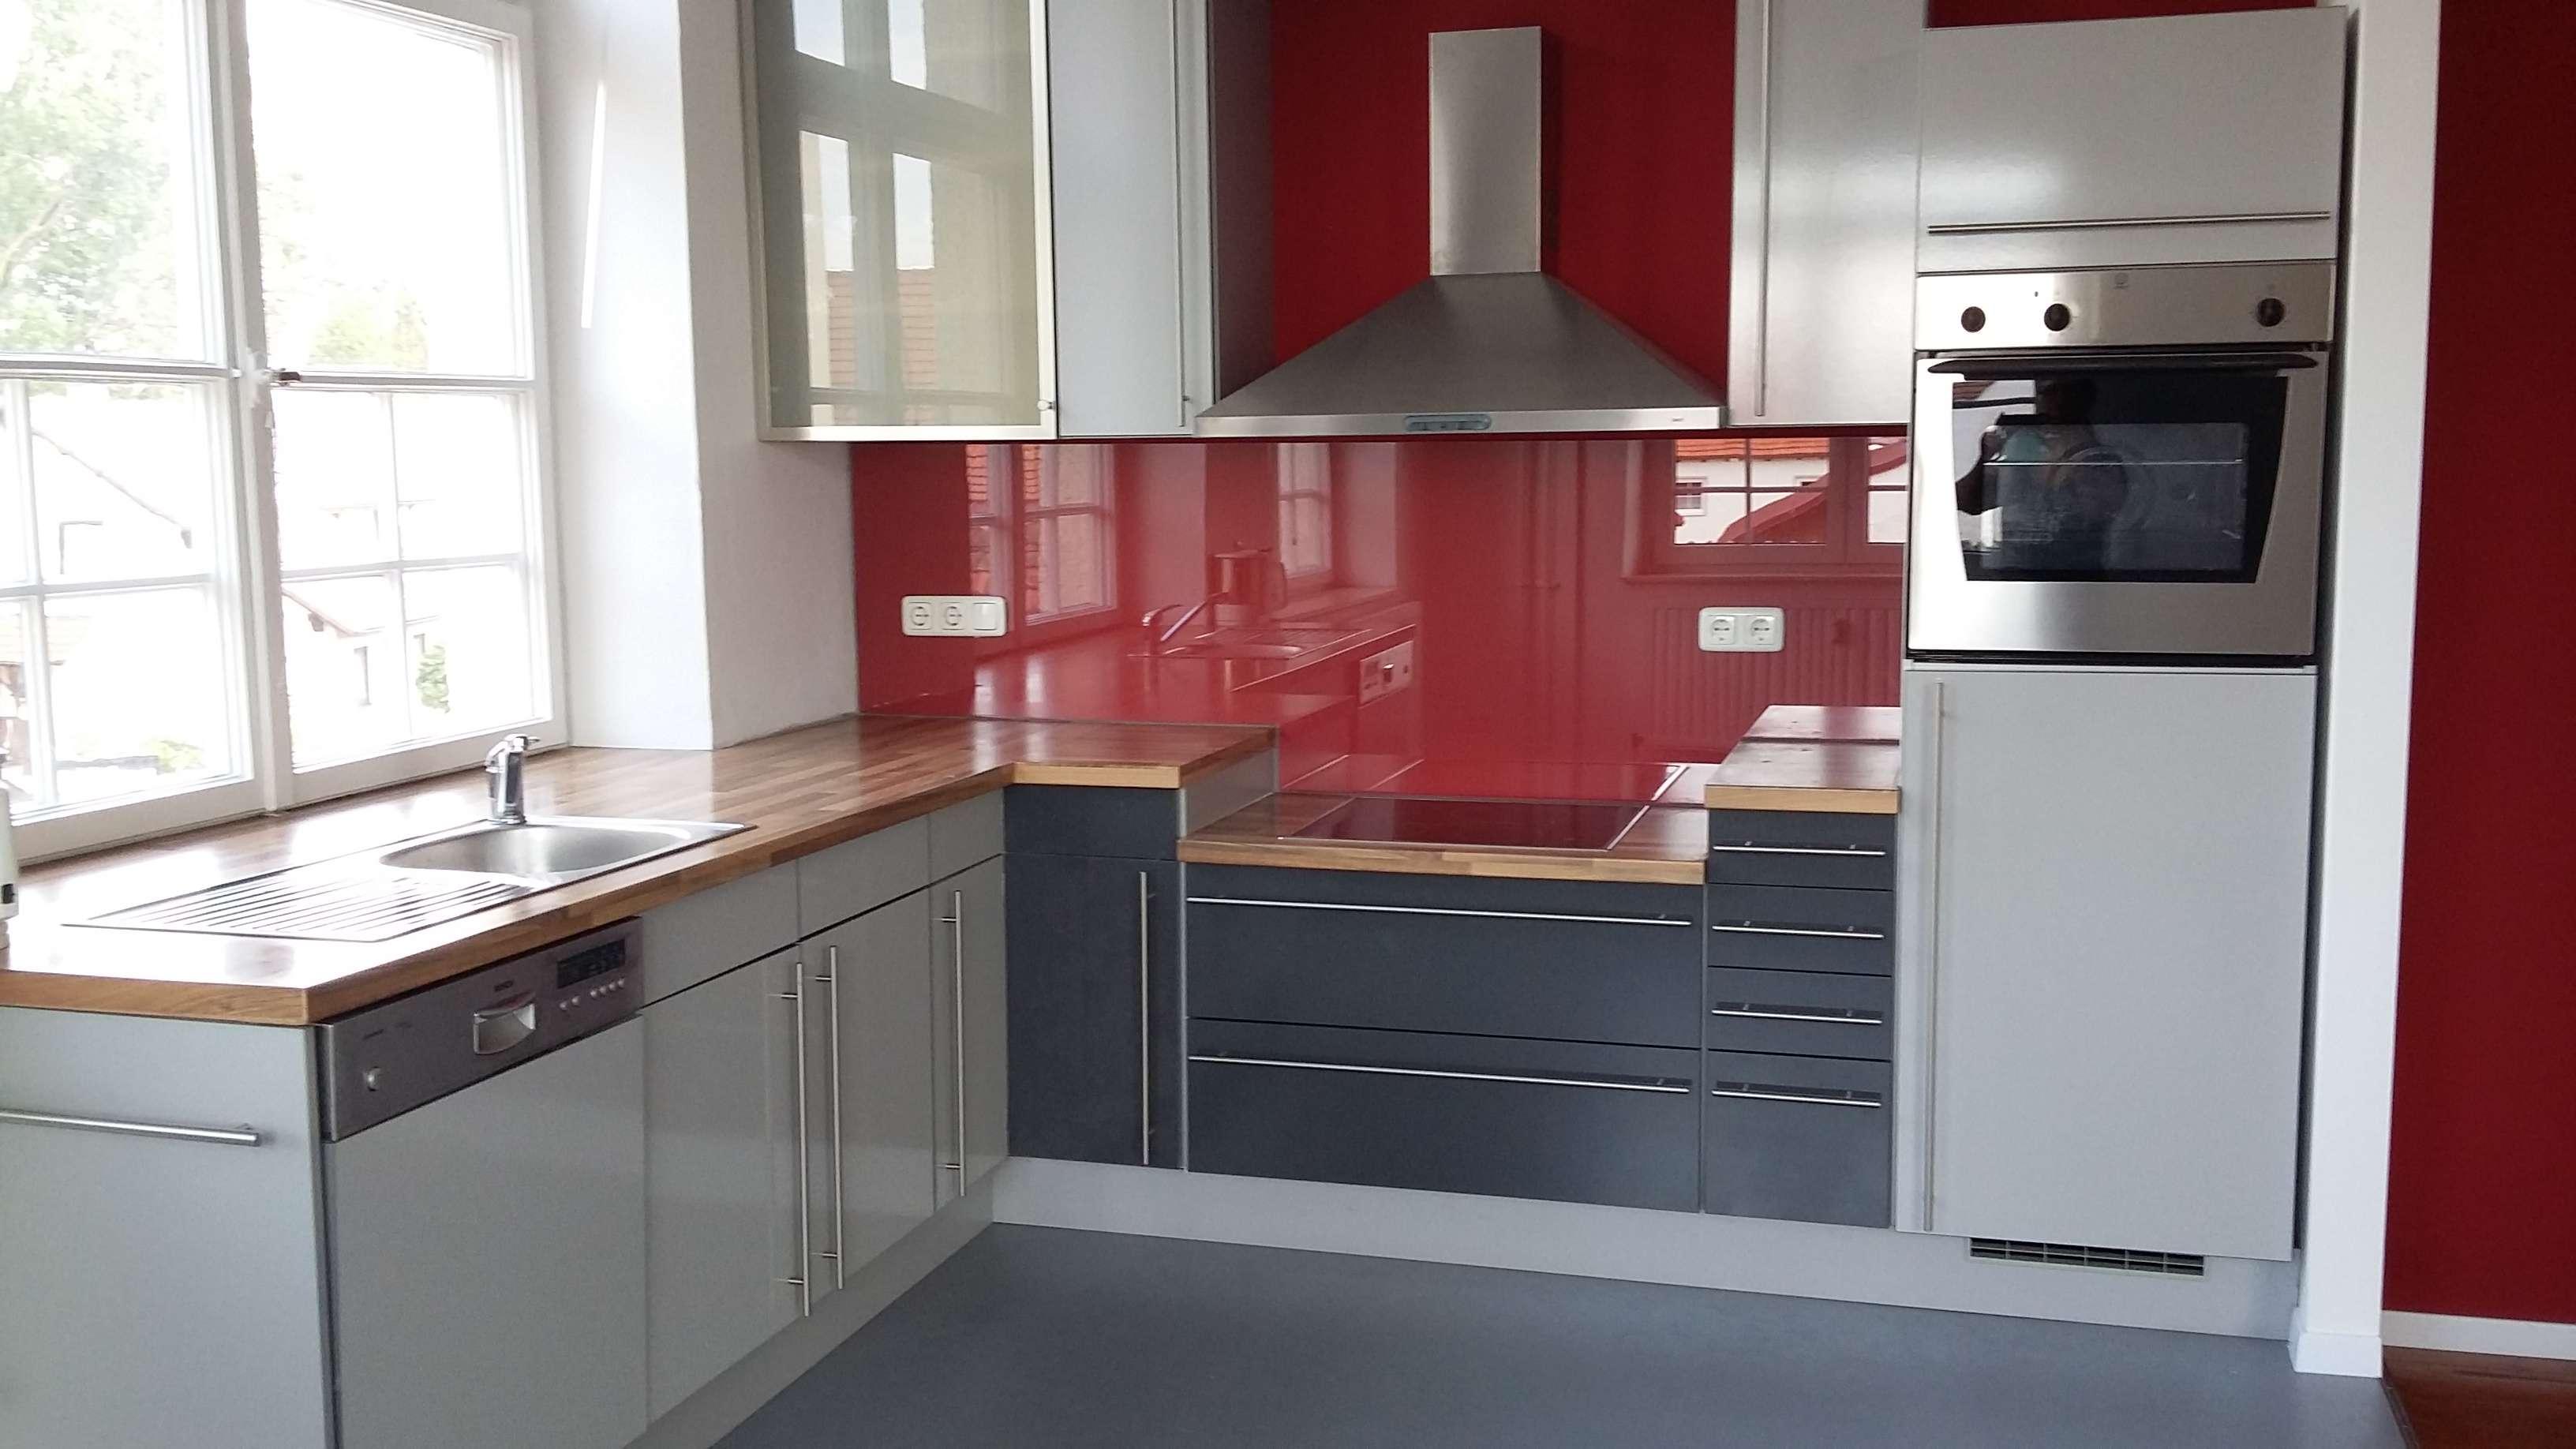 Traumhafte 2-Zimmer-Wohnung mit Balkon und Einbauküche in Geisenfeld